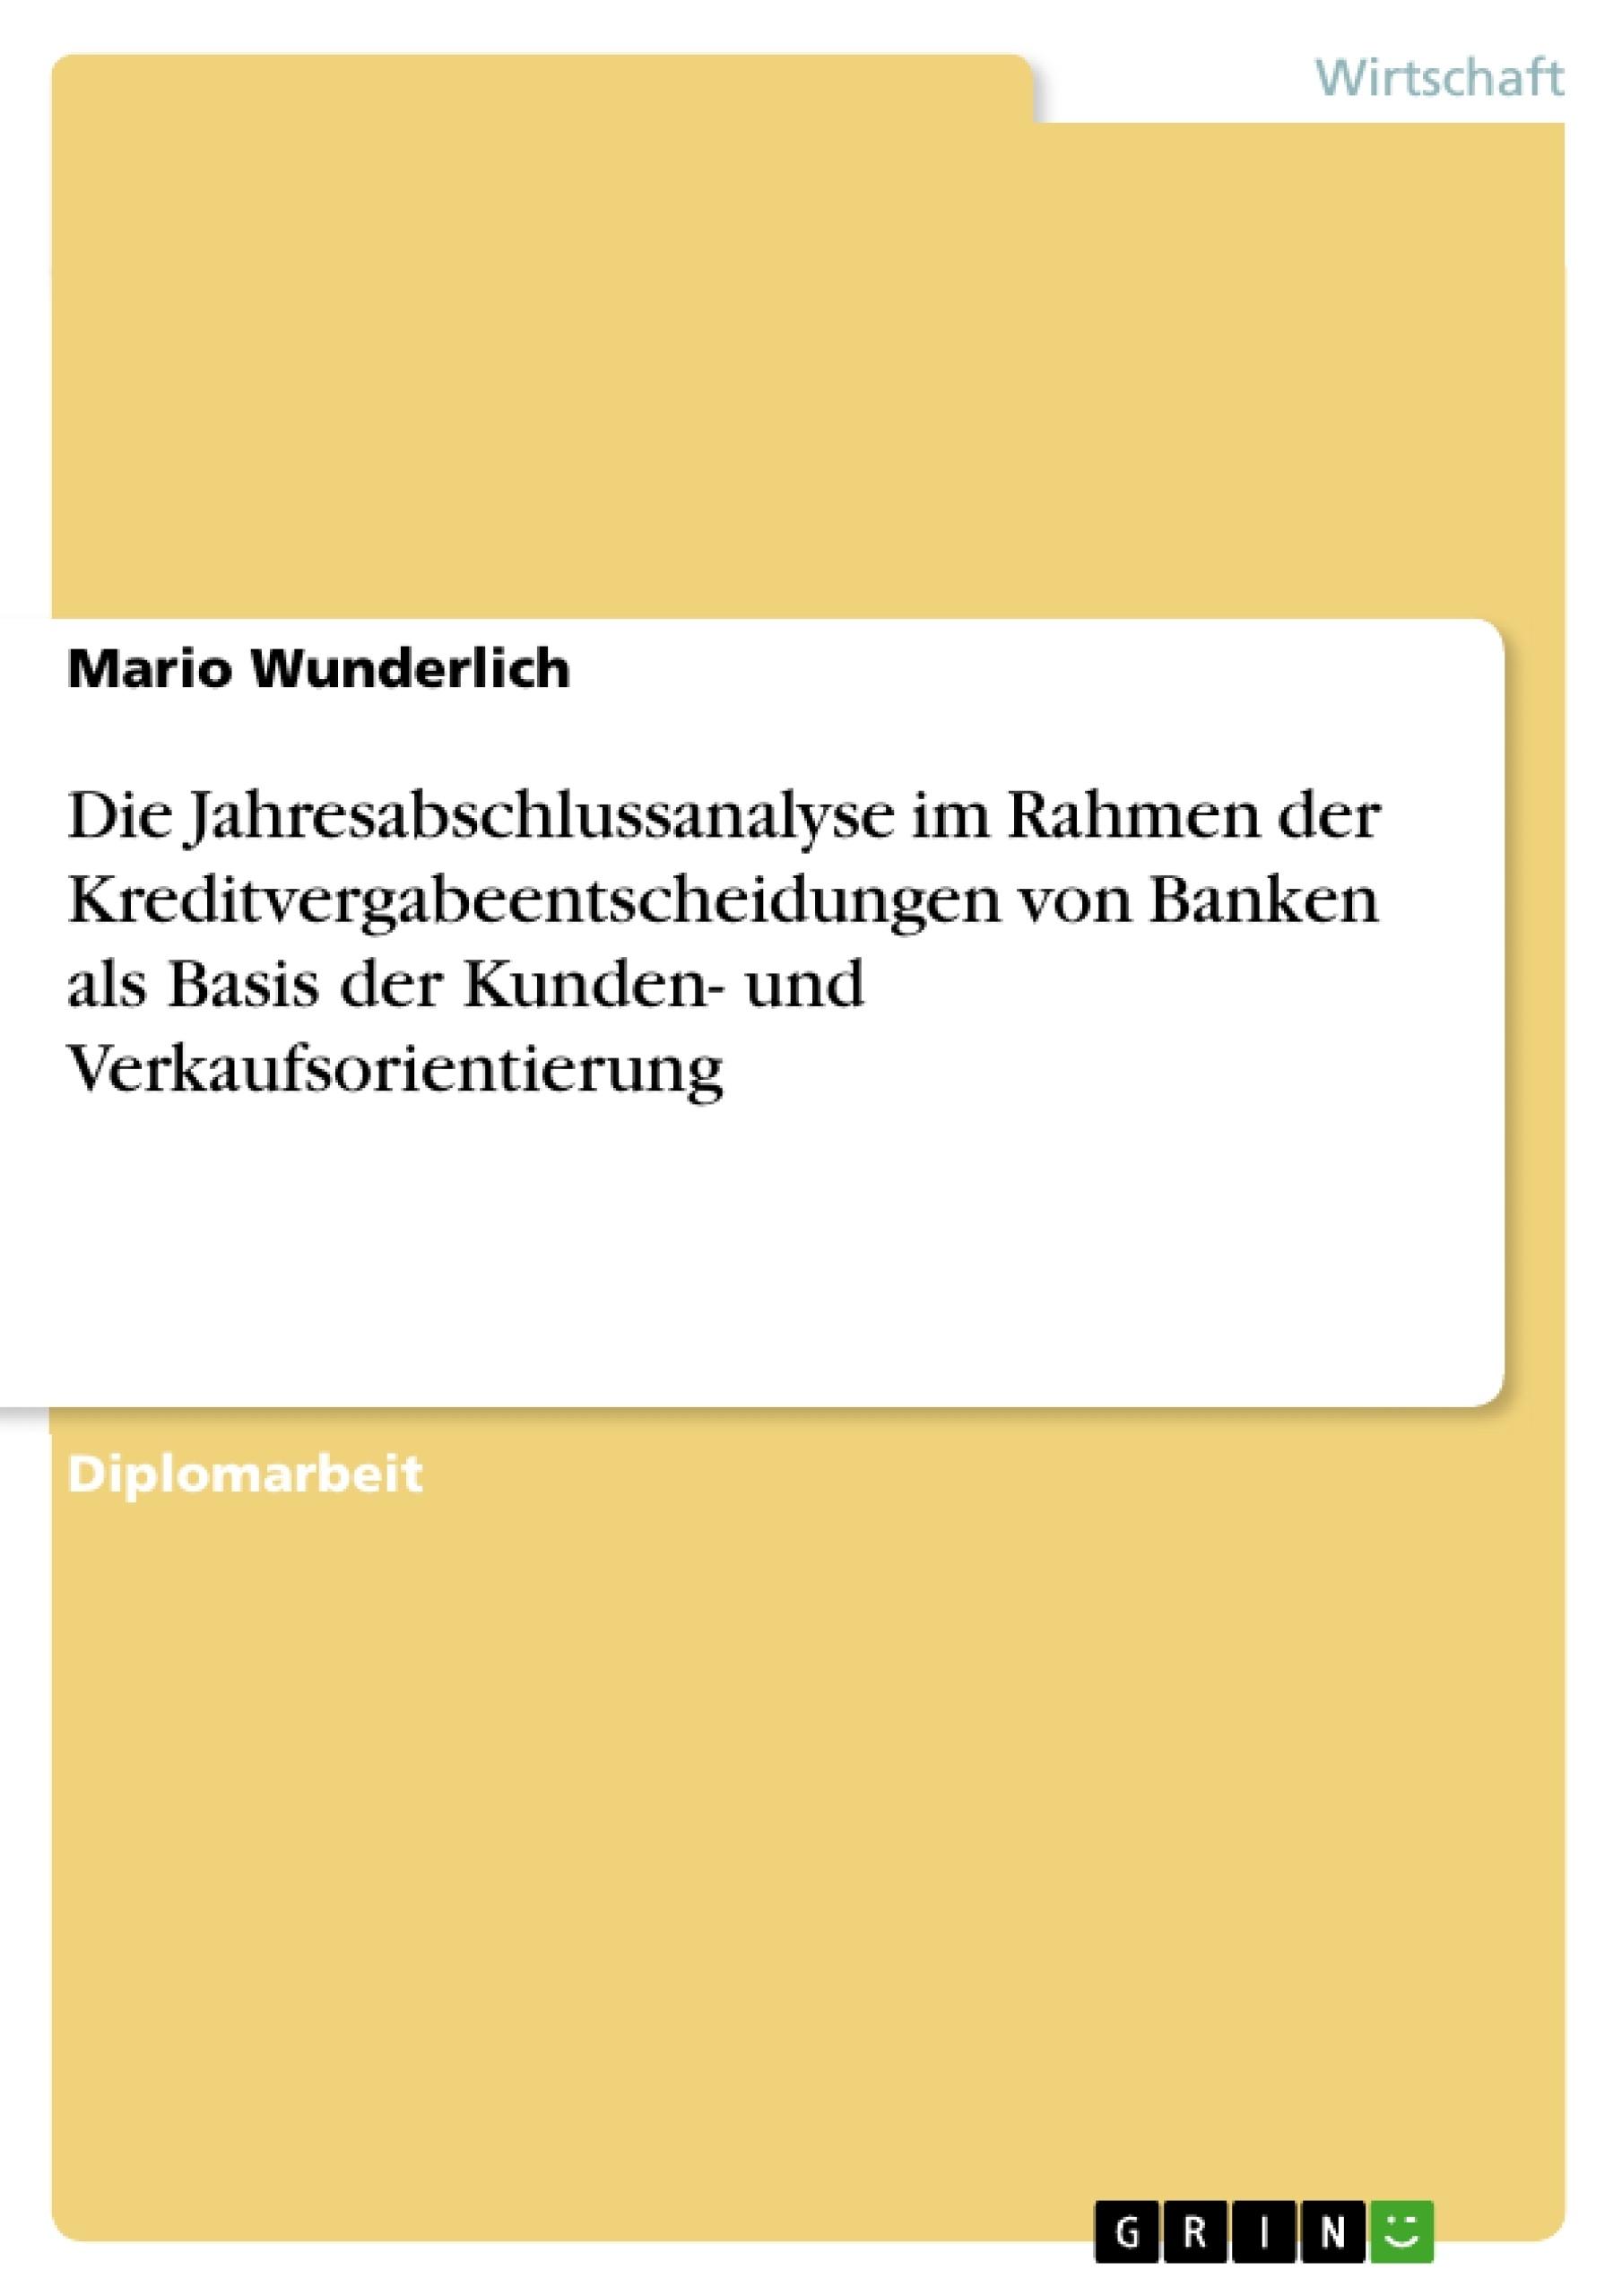 Titel: Die Jahresabschlussanalyse im Rahmen der Kreditvergabeentscheidungen von Banken als Basis der Kunden- und Verkaufsorientierung